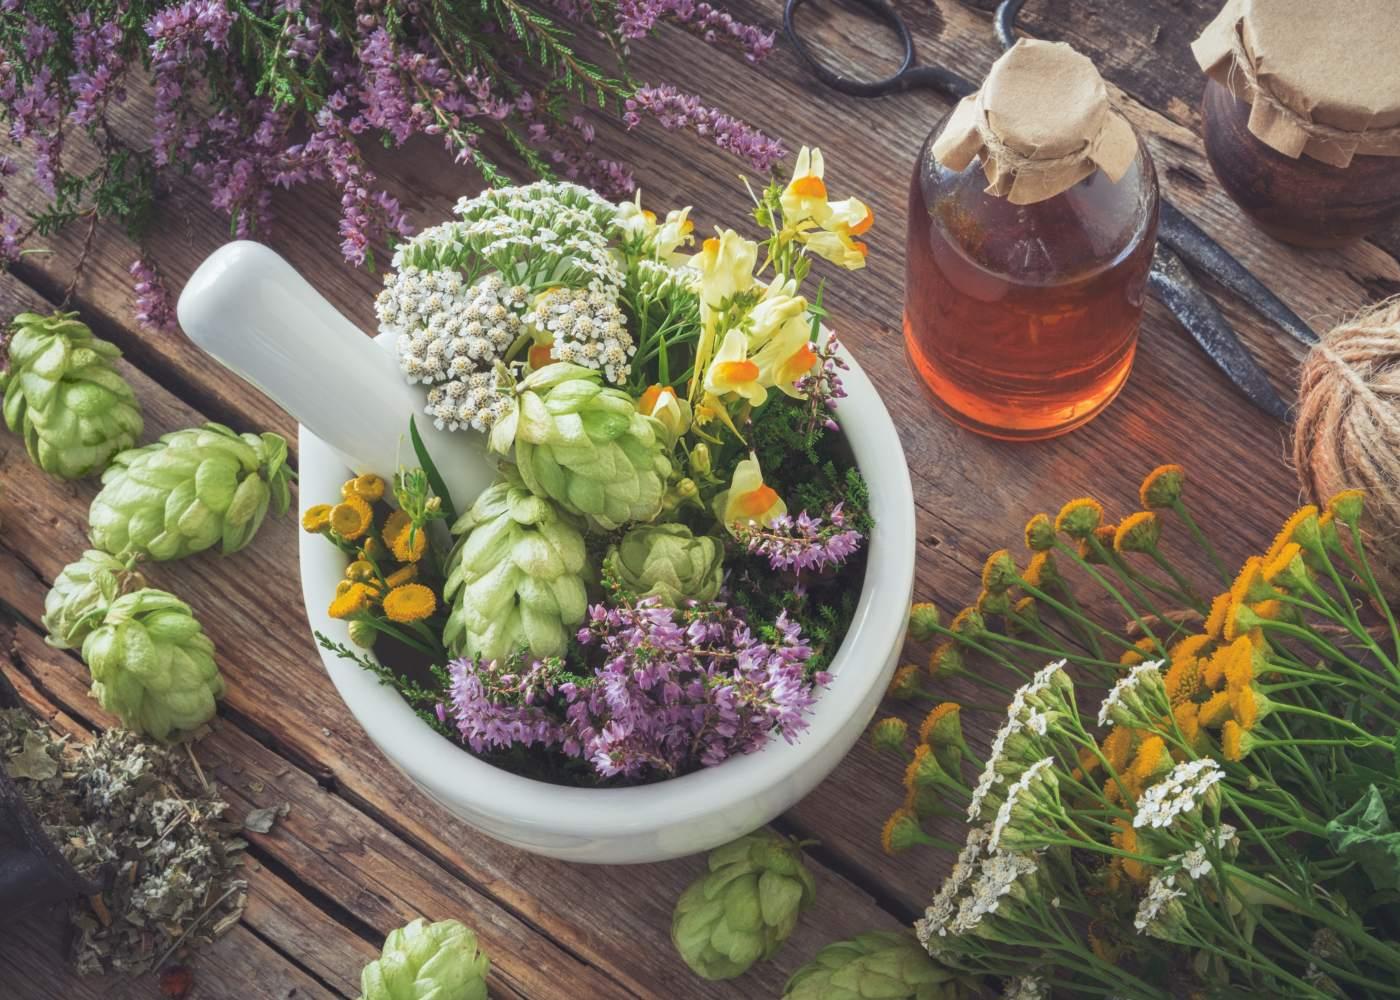 especiarias e ervas boas para a saúde